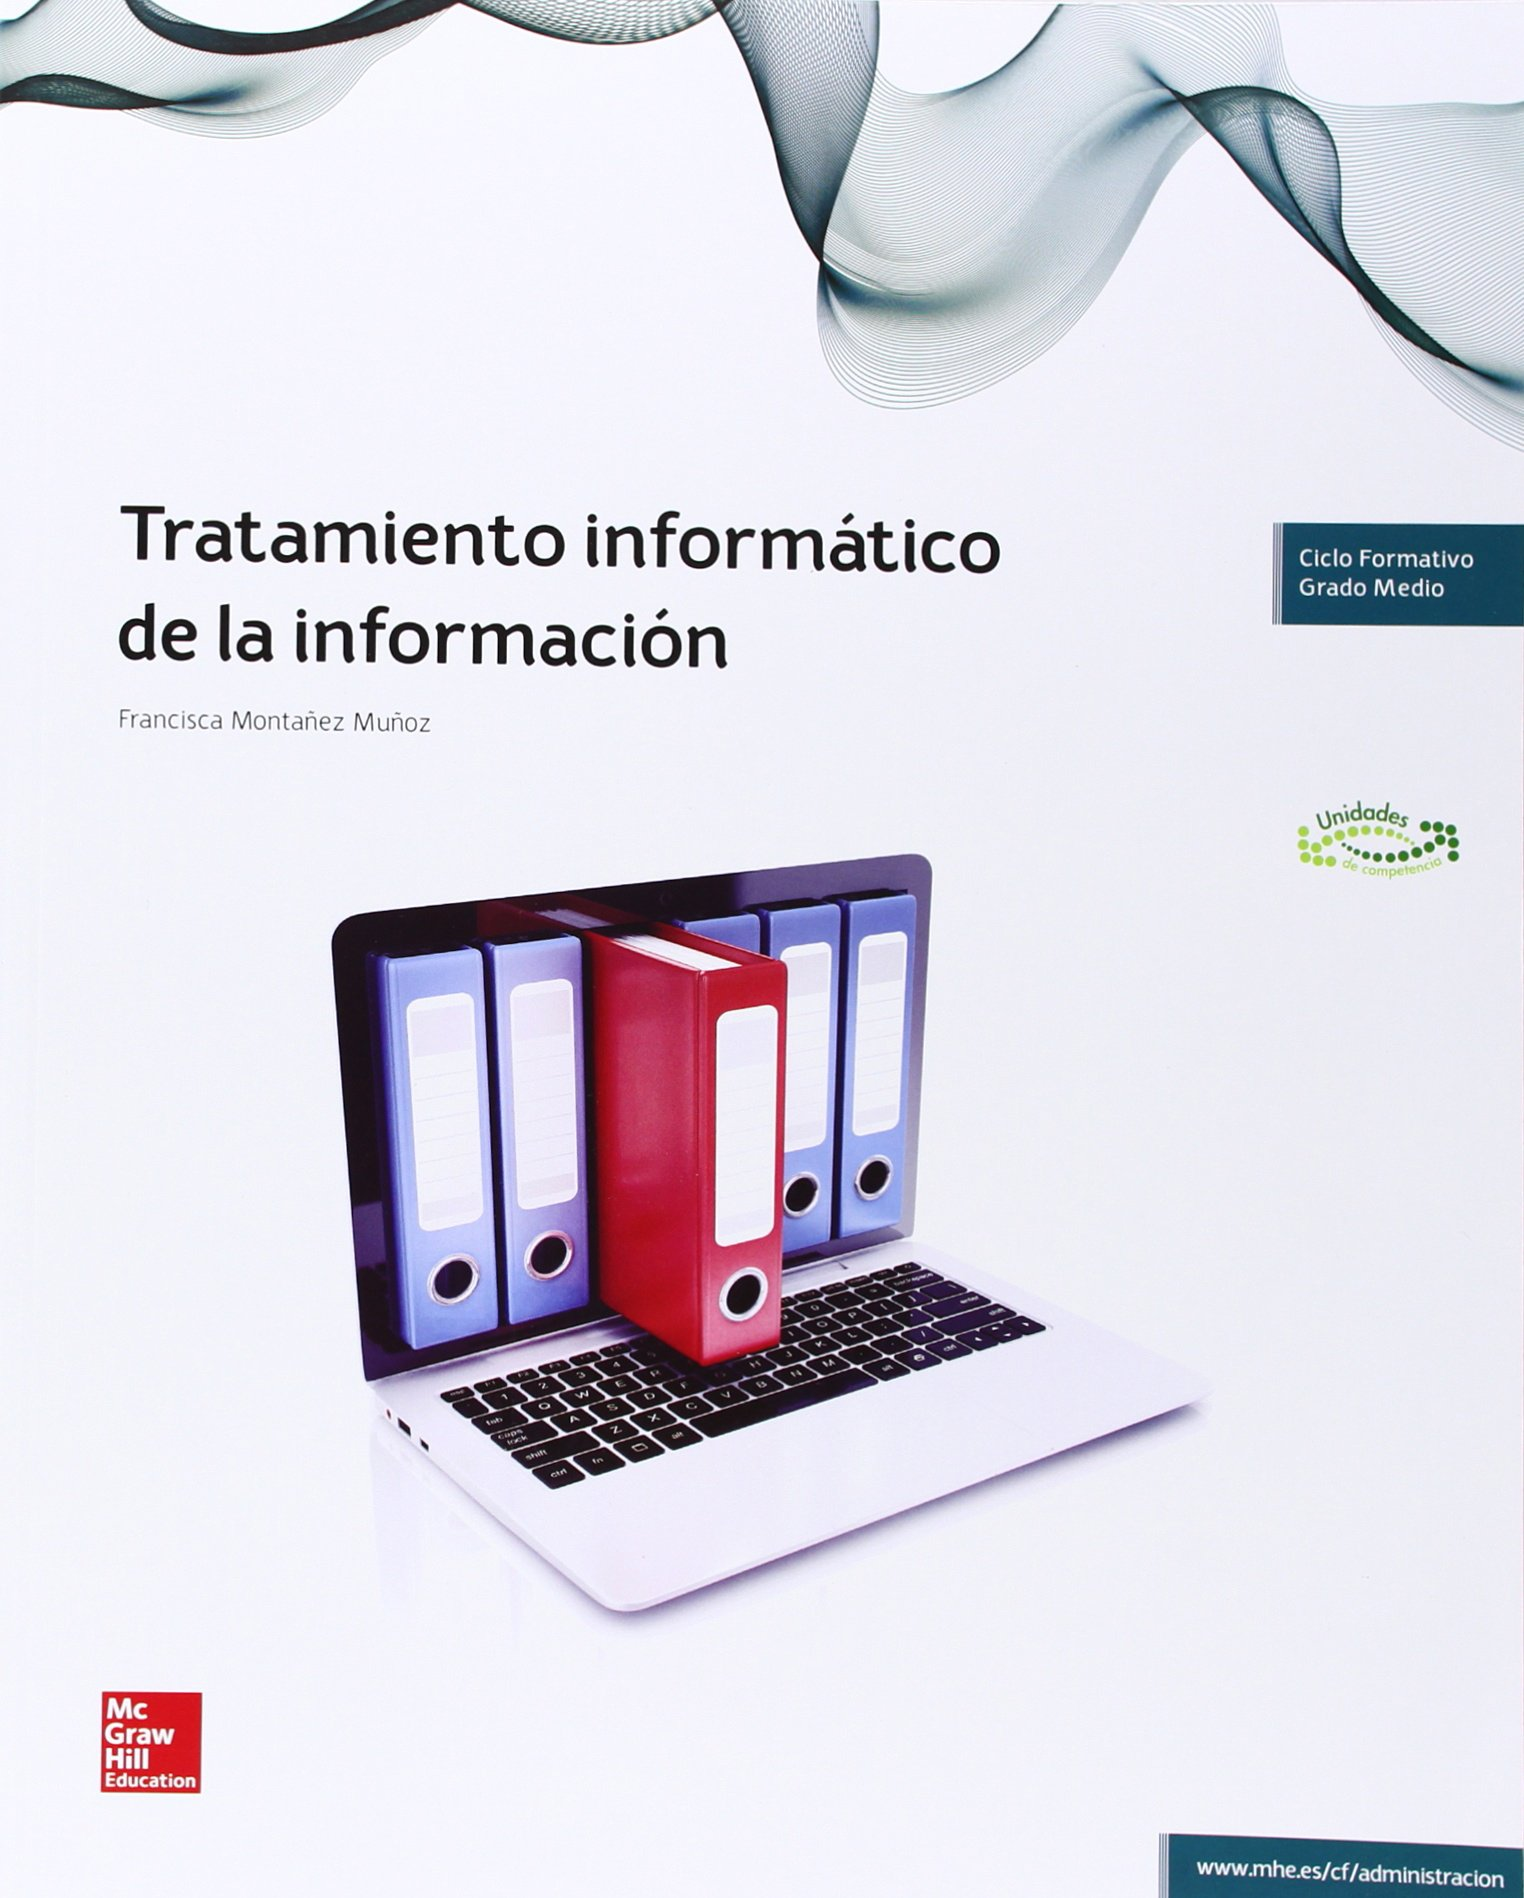 LA - TRATAMIENTO INFORMATICO DE LA INFORMACION Tapa blanda – 4 jun 2014 Francisca Montañez Muñoz 8448191560 Business applications Educational material